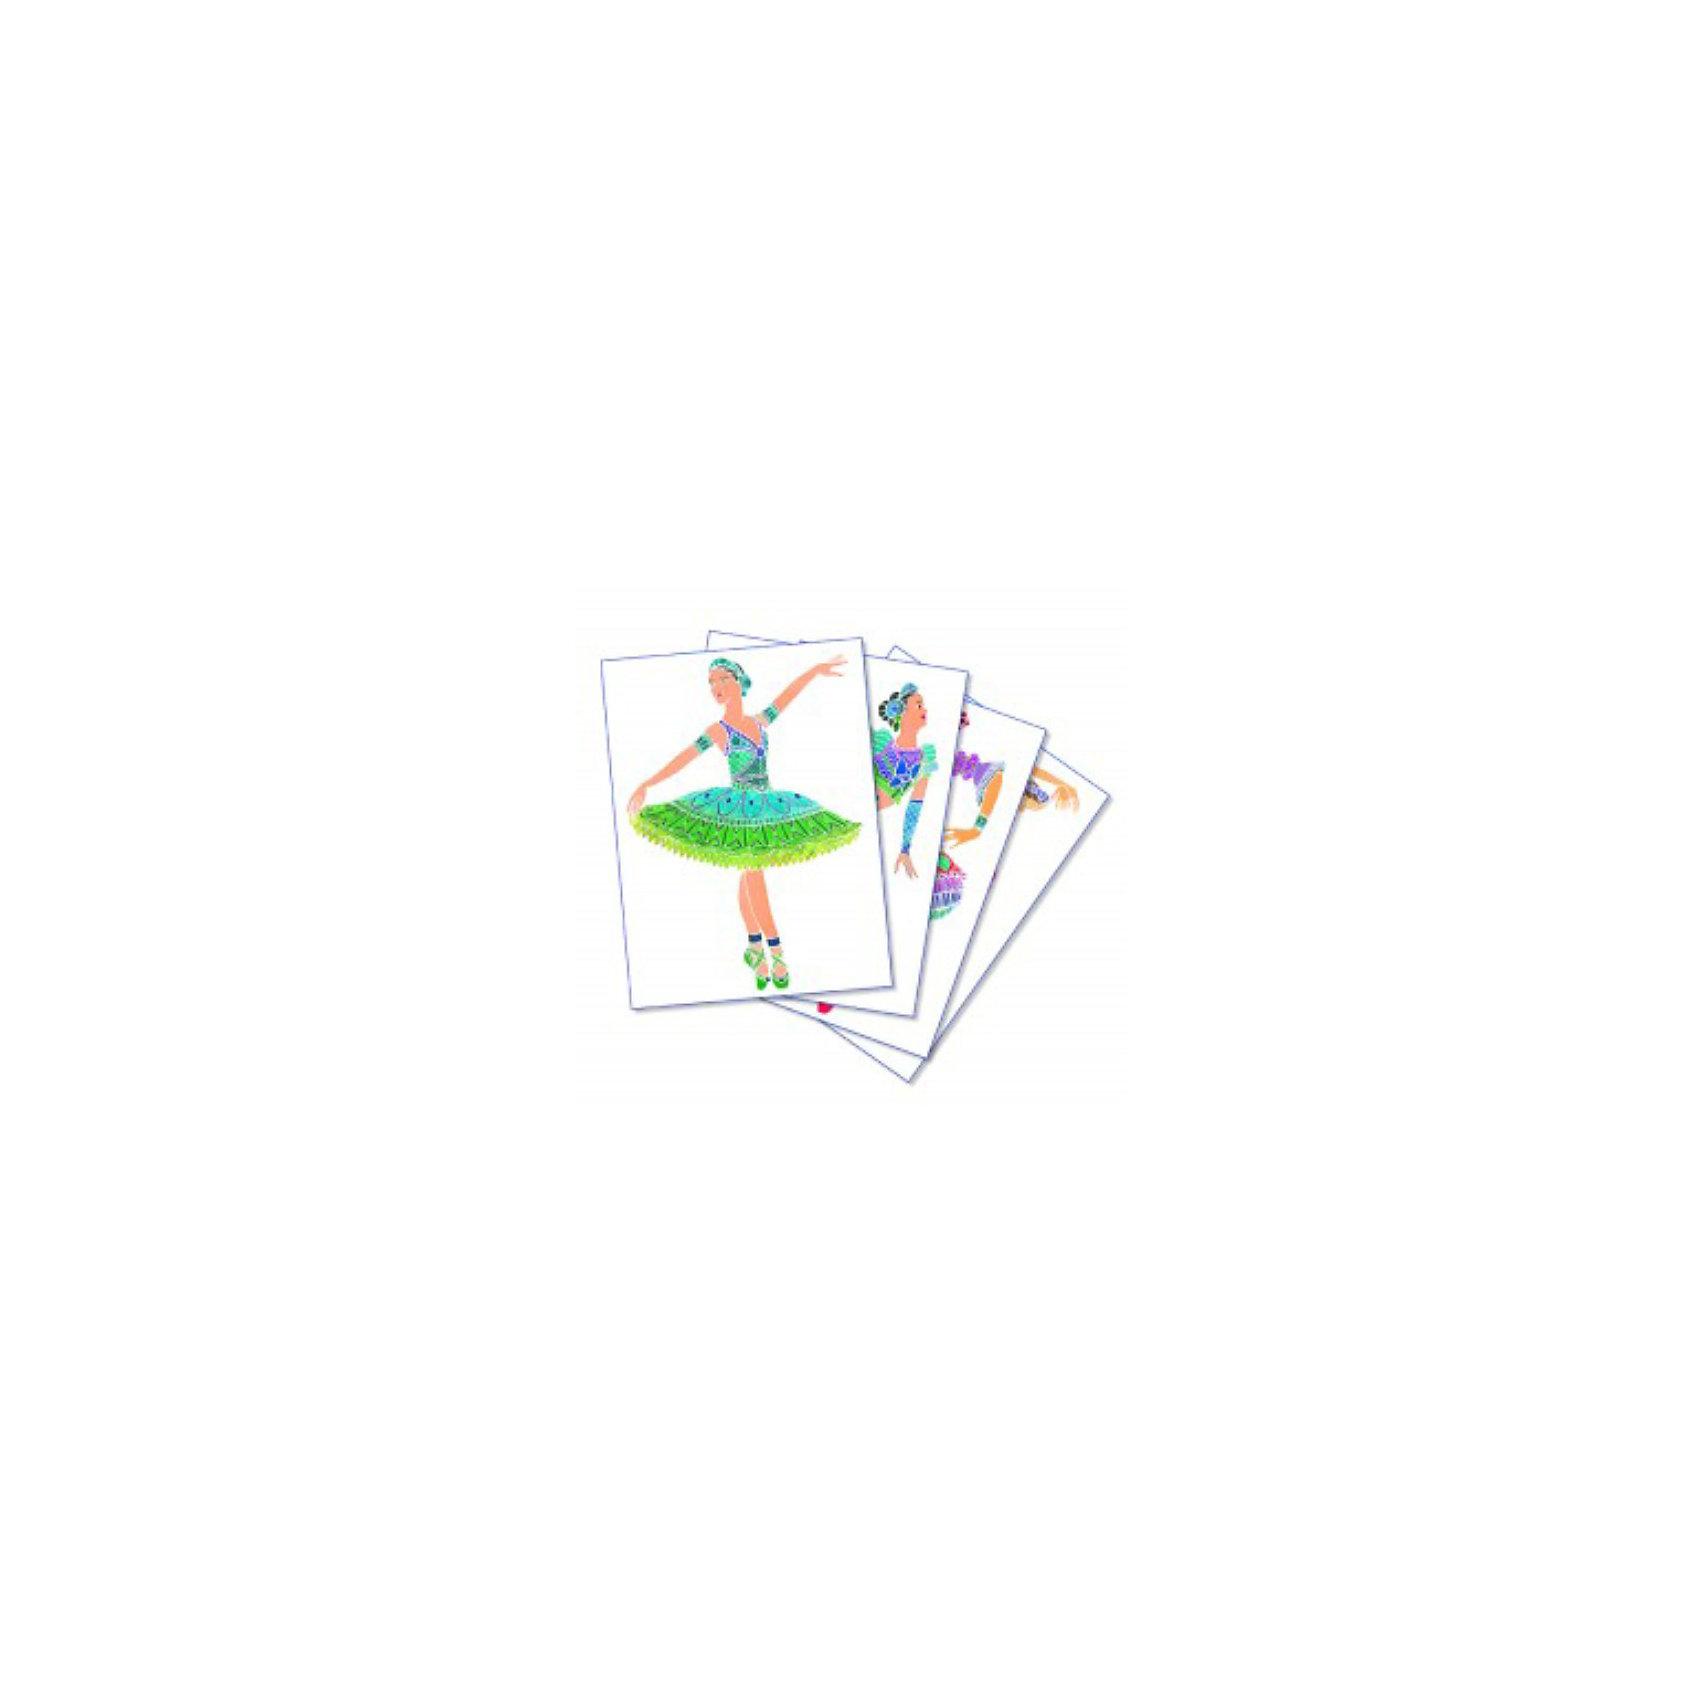 SentoSpherе 667 Акварельная раскраска ТанцовщицыВсего несколько капель красок и любой ребенок сможет создать настоящие произведения искусства. Акварель для детей основана на технике вставки в оправу тонкого пергамента. Эта техника позволяет картине приклеиться только на специальные поверхности: рисунок появляется по мере проведения кисточкой по бумаге. Картину можно перерисовывать несколько раз, чтобы получить самый красивый результат. Такая техника идеальна, чтобы научить детей составлению цветов. Кроме того, она развивает воображение, точность и внимание. 4 картины; 1 кисть очень высокого качества; 1 палитра для смешивания красок; 5 флаконов не токсичных акварельных красок; 1 пипетка для дозировки красок; 1 инструкция<br><br>Ширина мм: 270<br>Глубина мм: 200<br>Высота мм: 38<br>Вес г: 493<br>Возраст от месяцев: 36<br>Возраст до месяцев: 2147483647<br>Пол: Женский<br>Возраст: Детский<br>SKU: 2176759